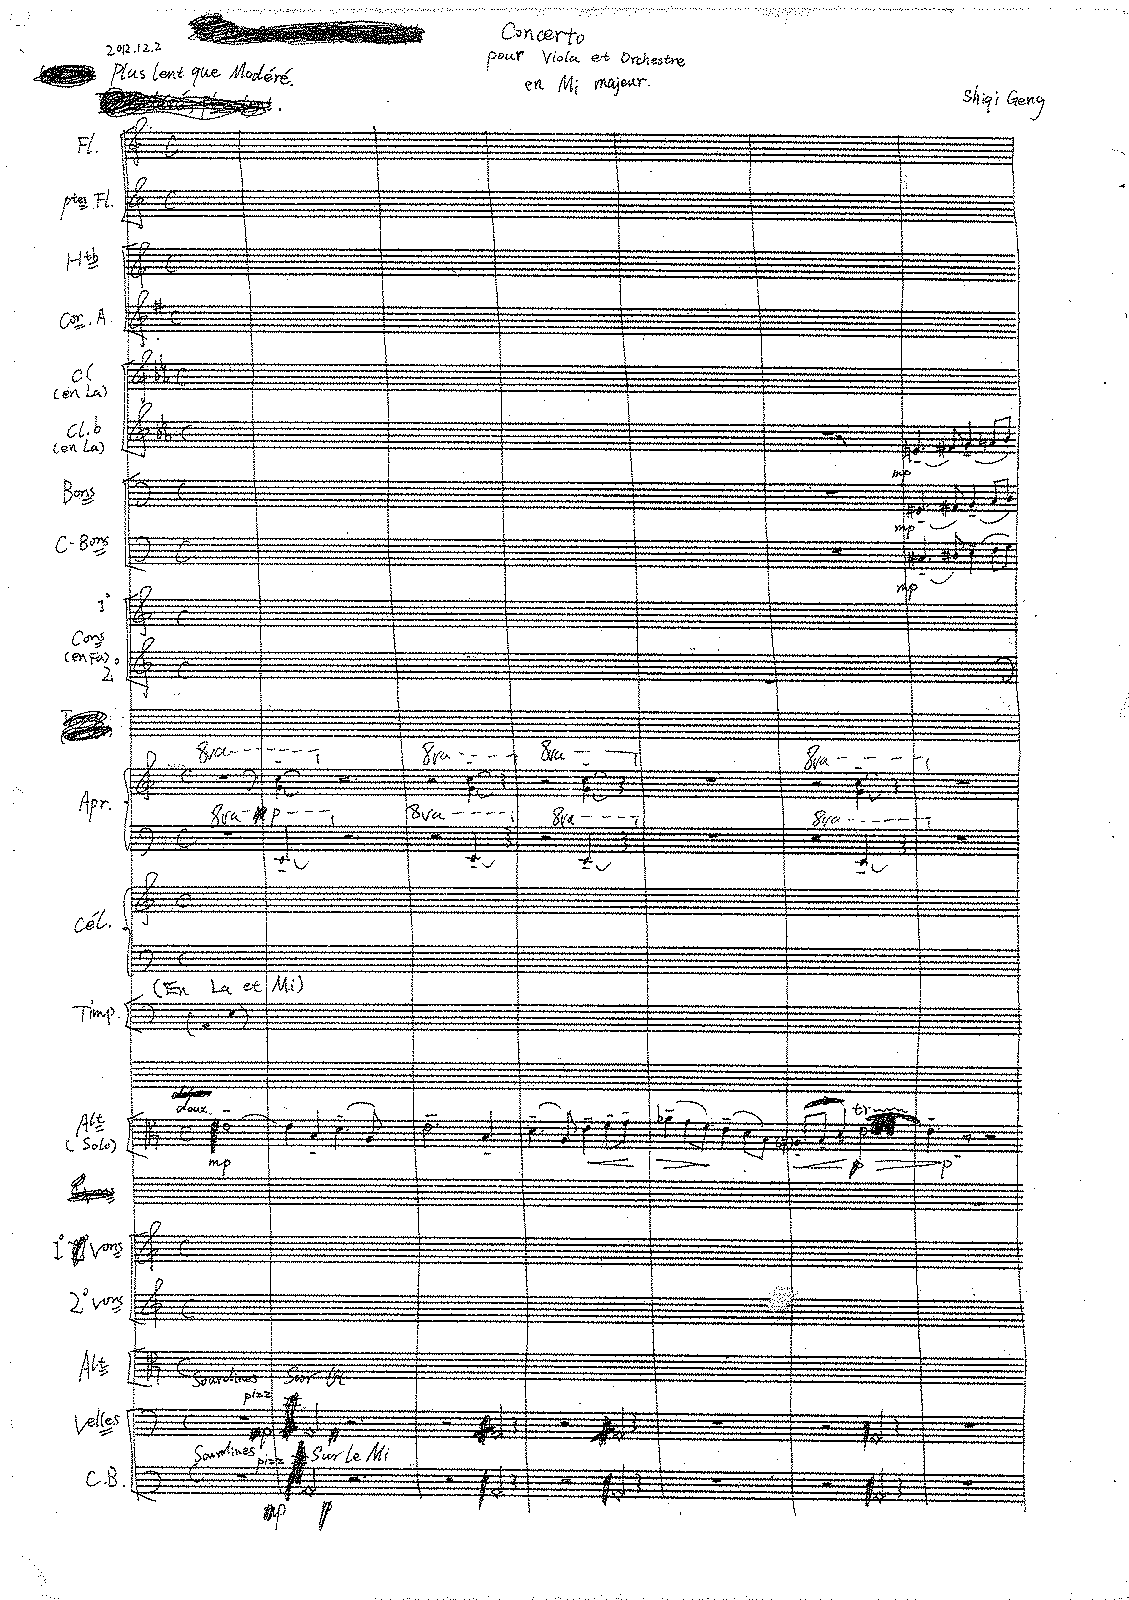 File Pmlp Chequit Cungt Concerto Pour L Alto Et Orchestre